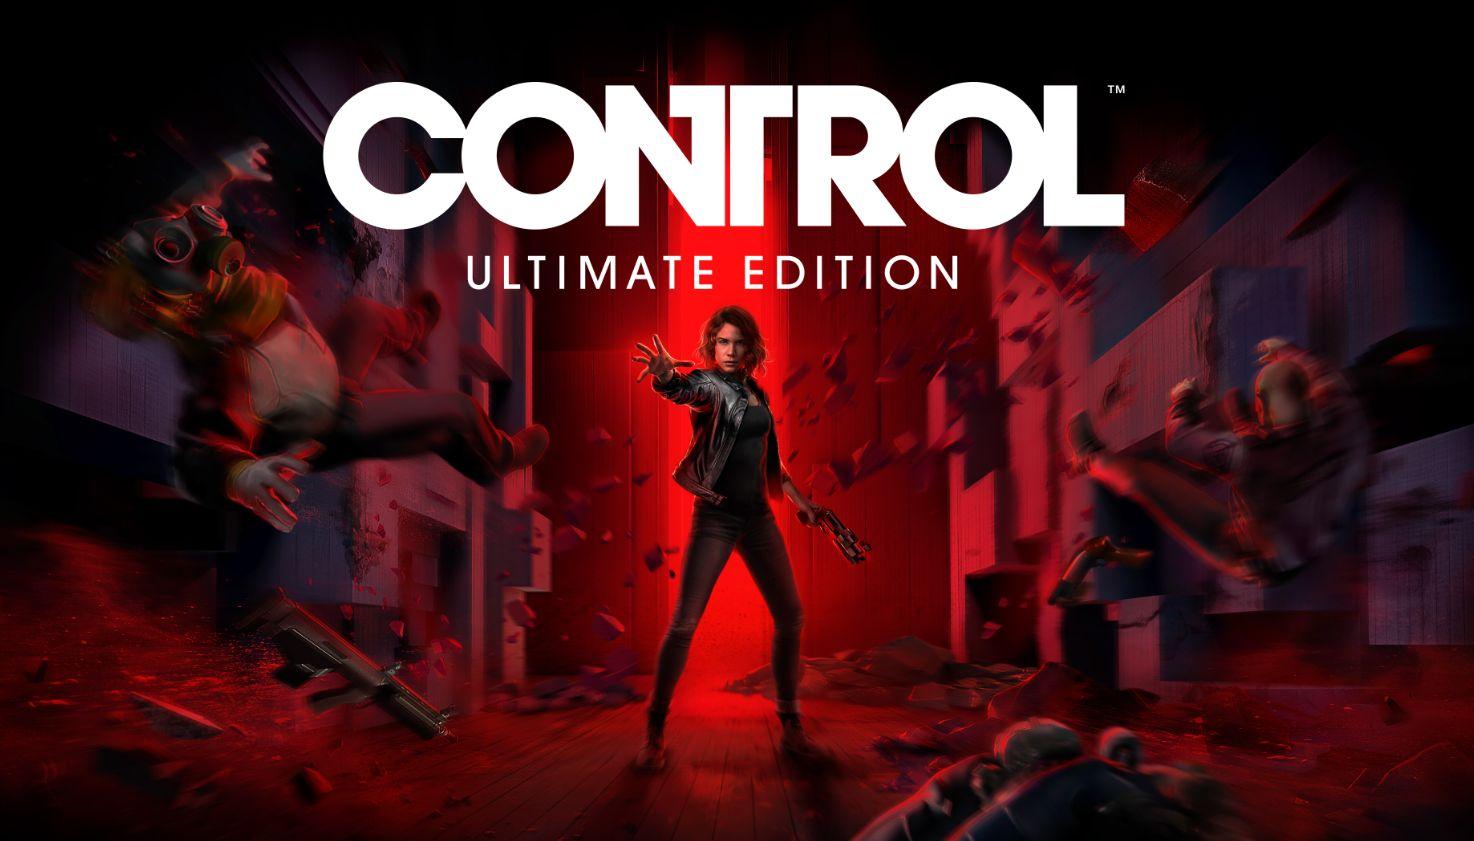 Control Ultimate Edition per PS5 e Xbox Series X/S rinviato ai primi mesi del 2021